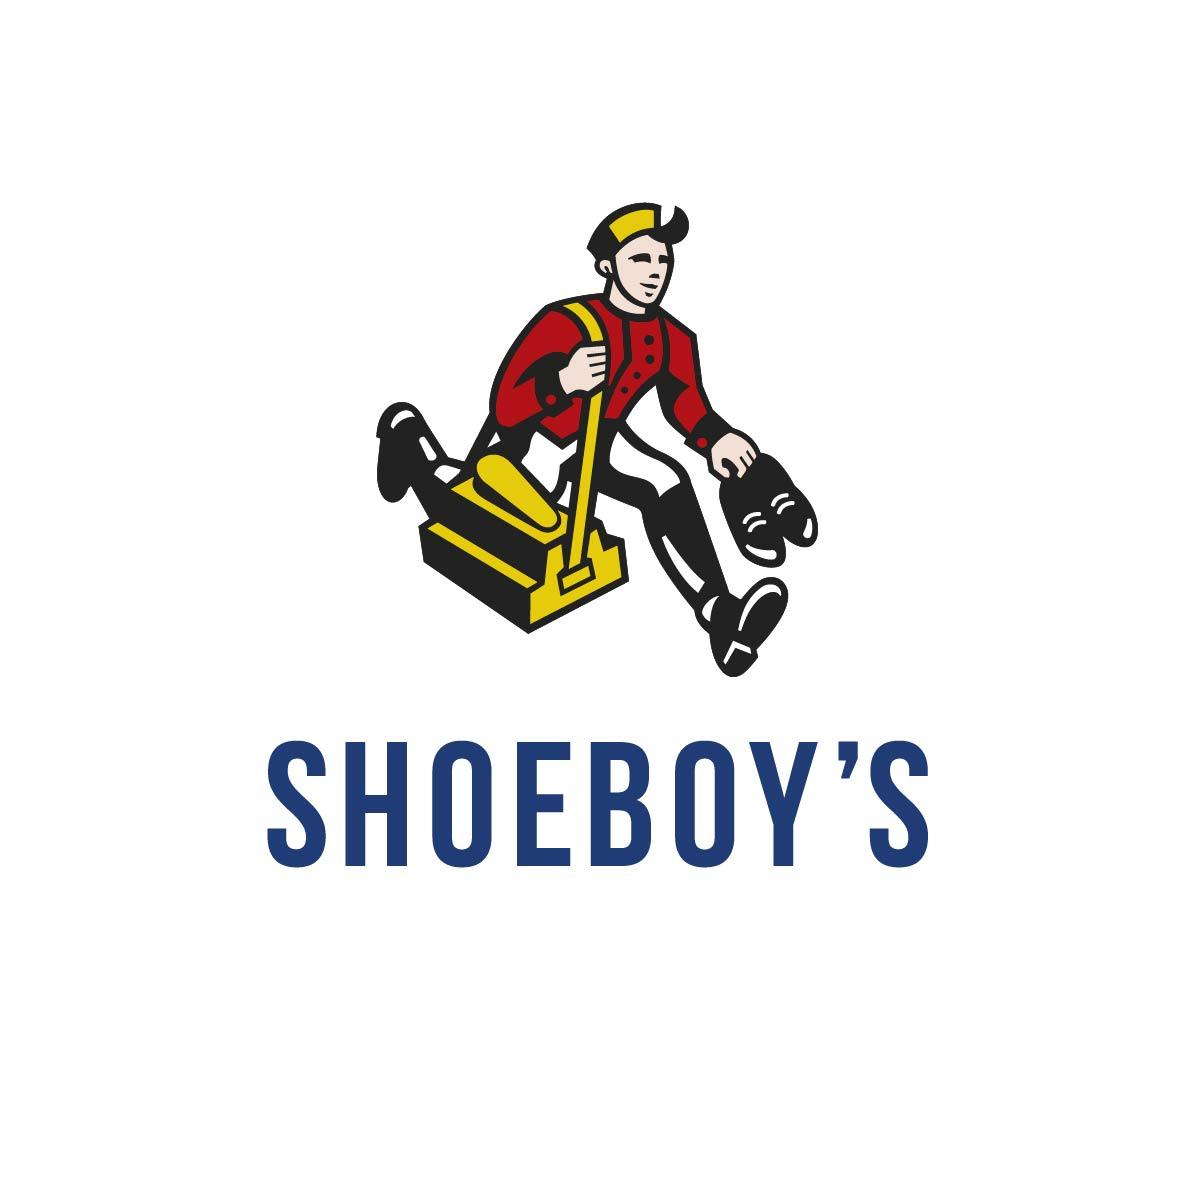 Brand Sign Markenzeichen Wort-Bild-Marke shoeboys mainz BNS